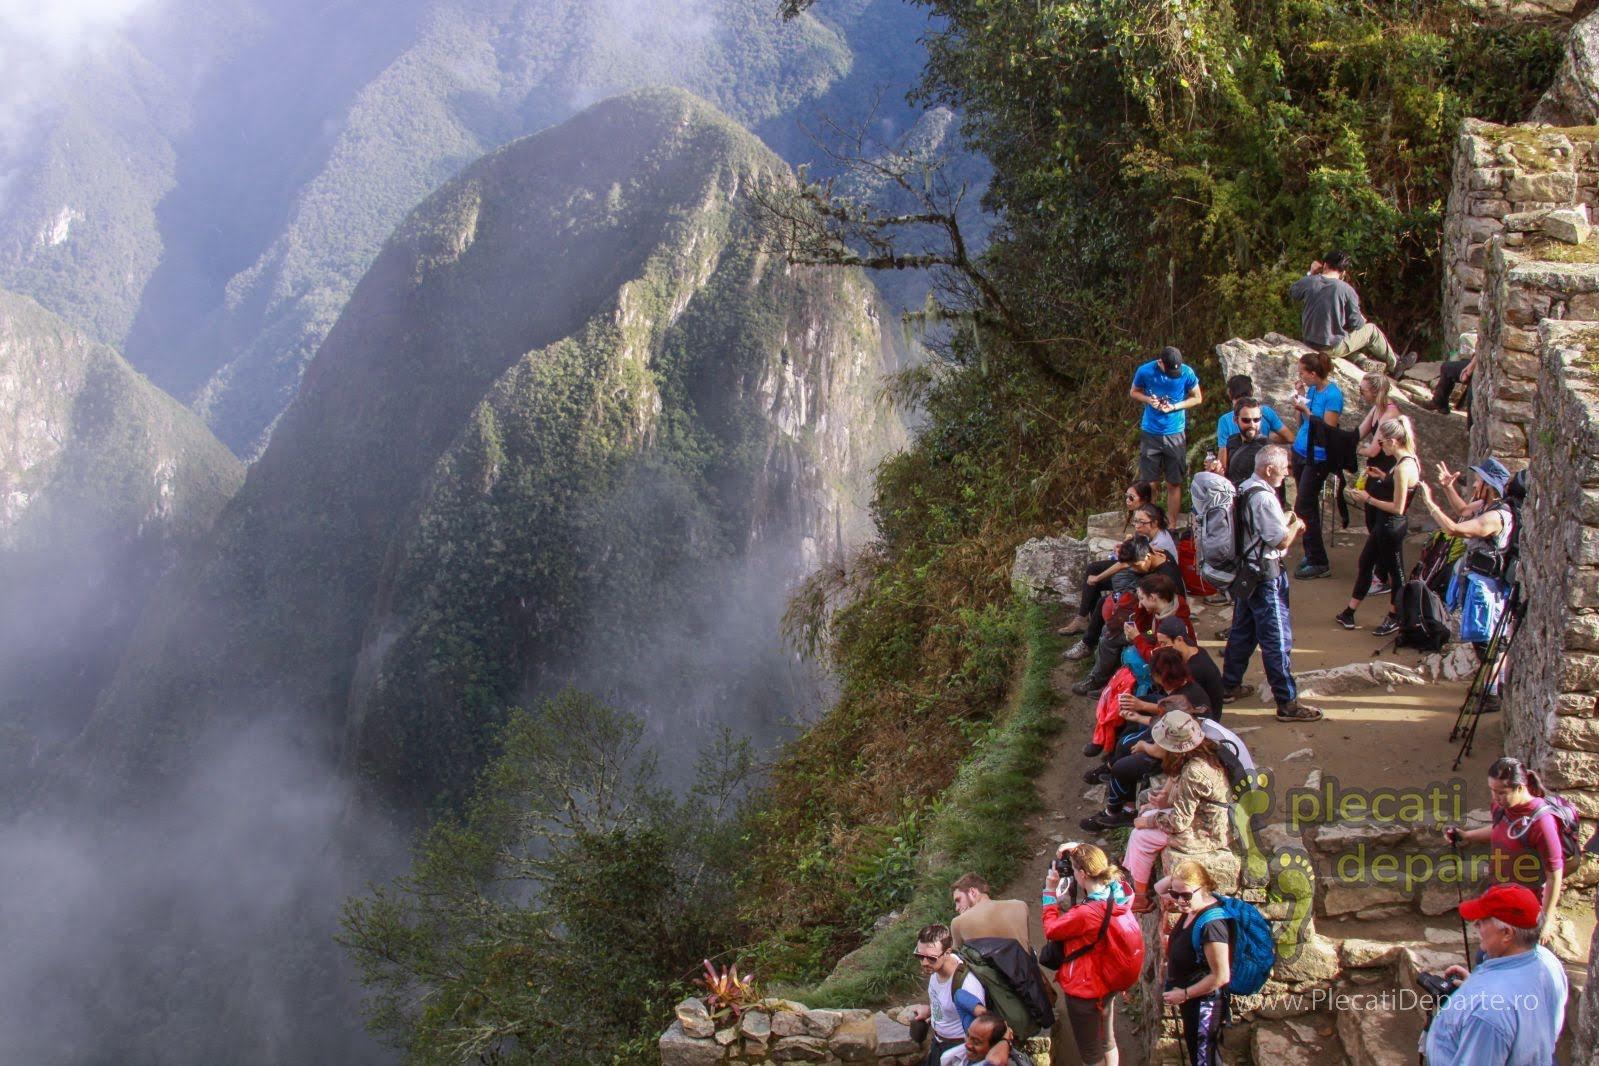 Turisti care fotografiaza cetatea Machu Picchu, de la Poarta Soarelui (Sun Gate), de pe Inca Trail